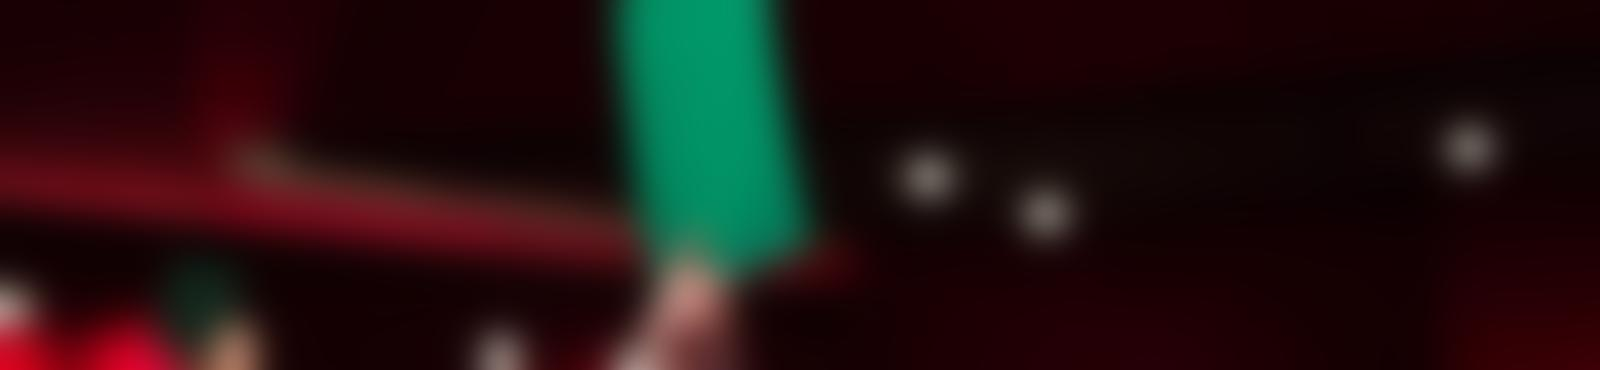 Blurred f1de34d2 d233 4adf b6b7 131a0d994d4c